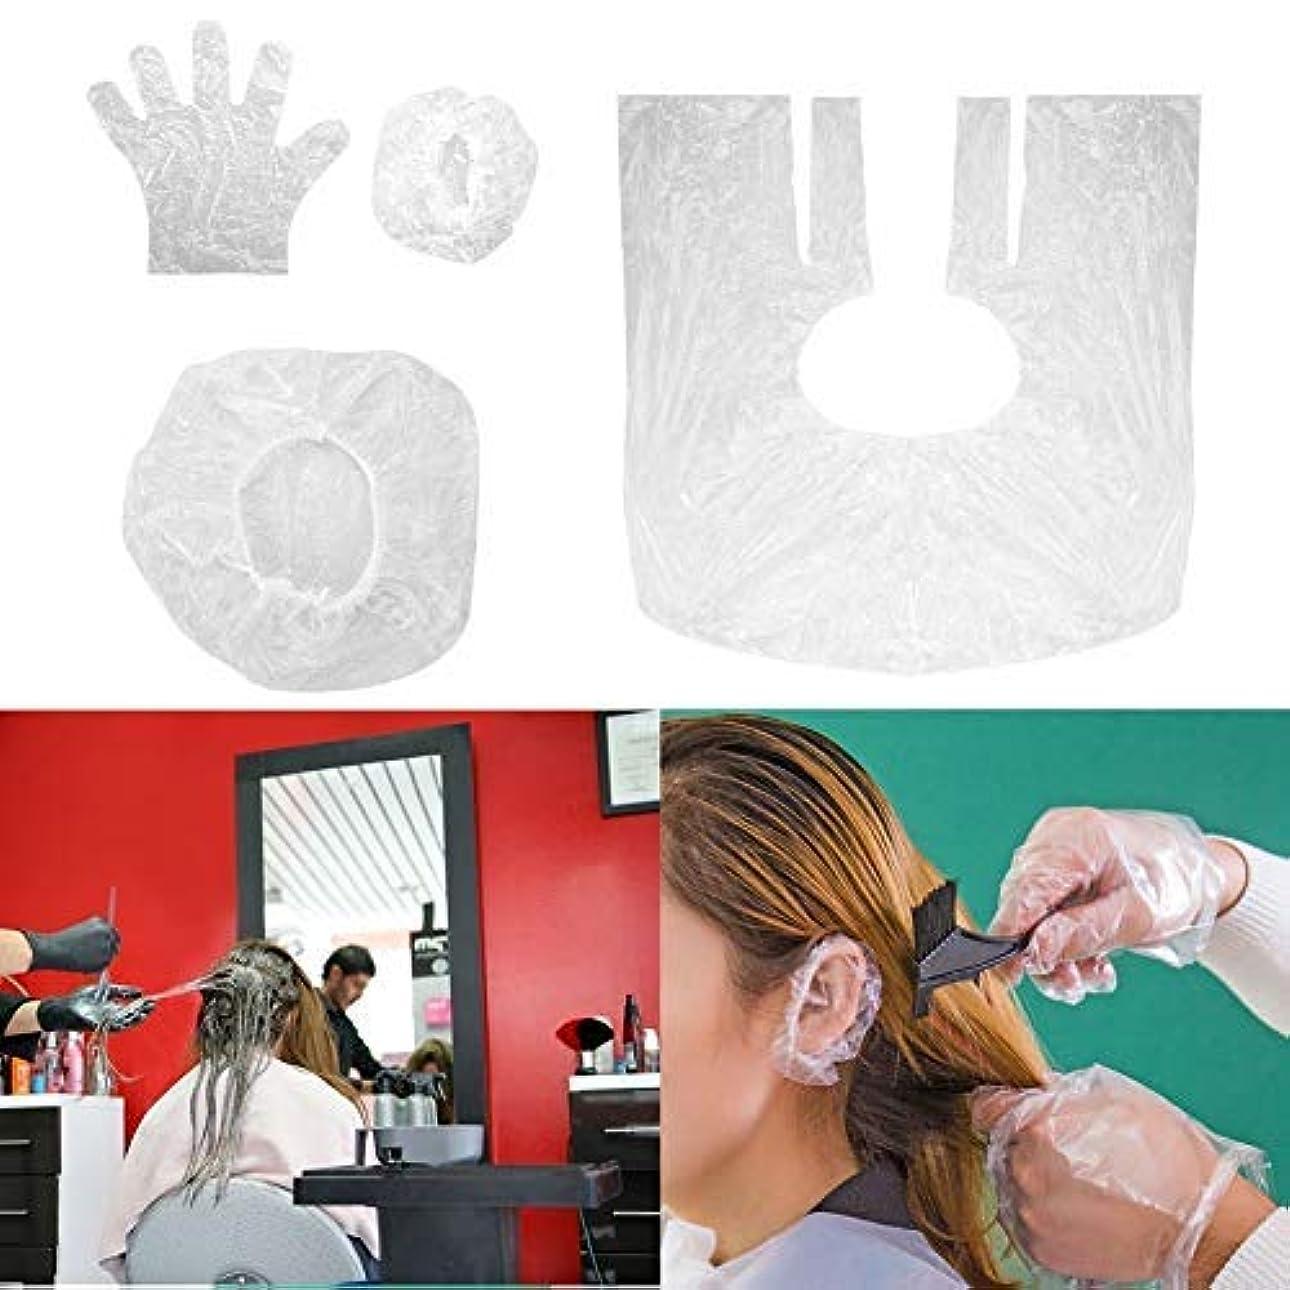 新しい意味アクチュエータ反逆者毛染め用 髪染め シャワーキャップ サロン 耳キャップ シャワーキャップ 手袋 使い捨て 10点セット